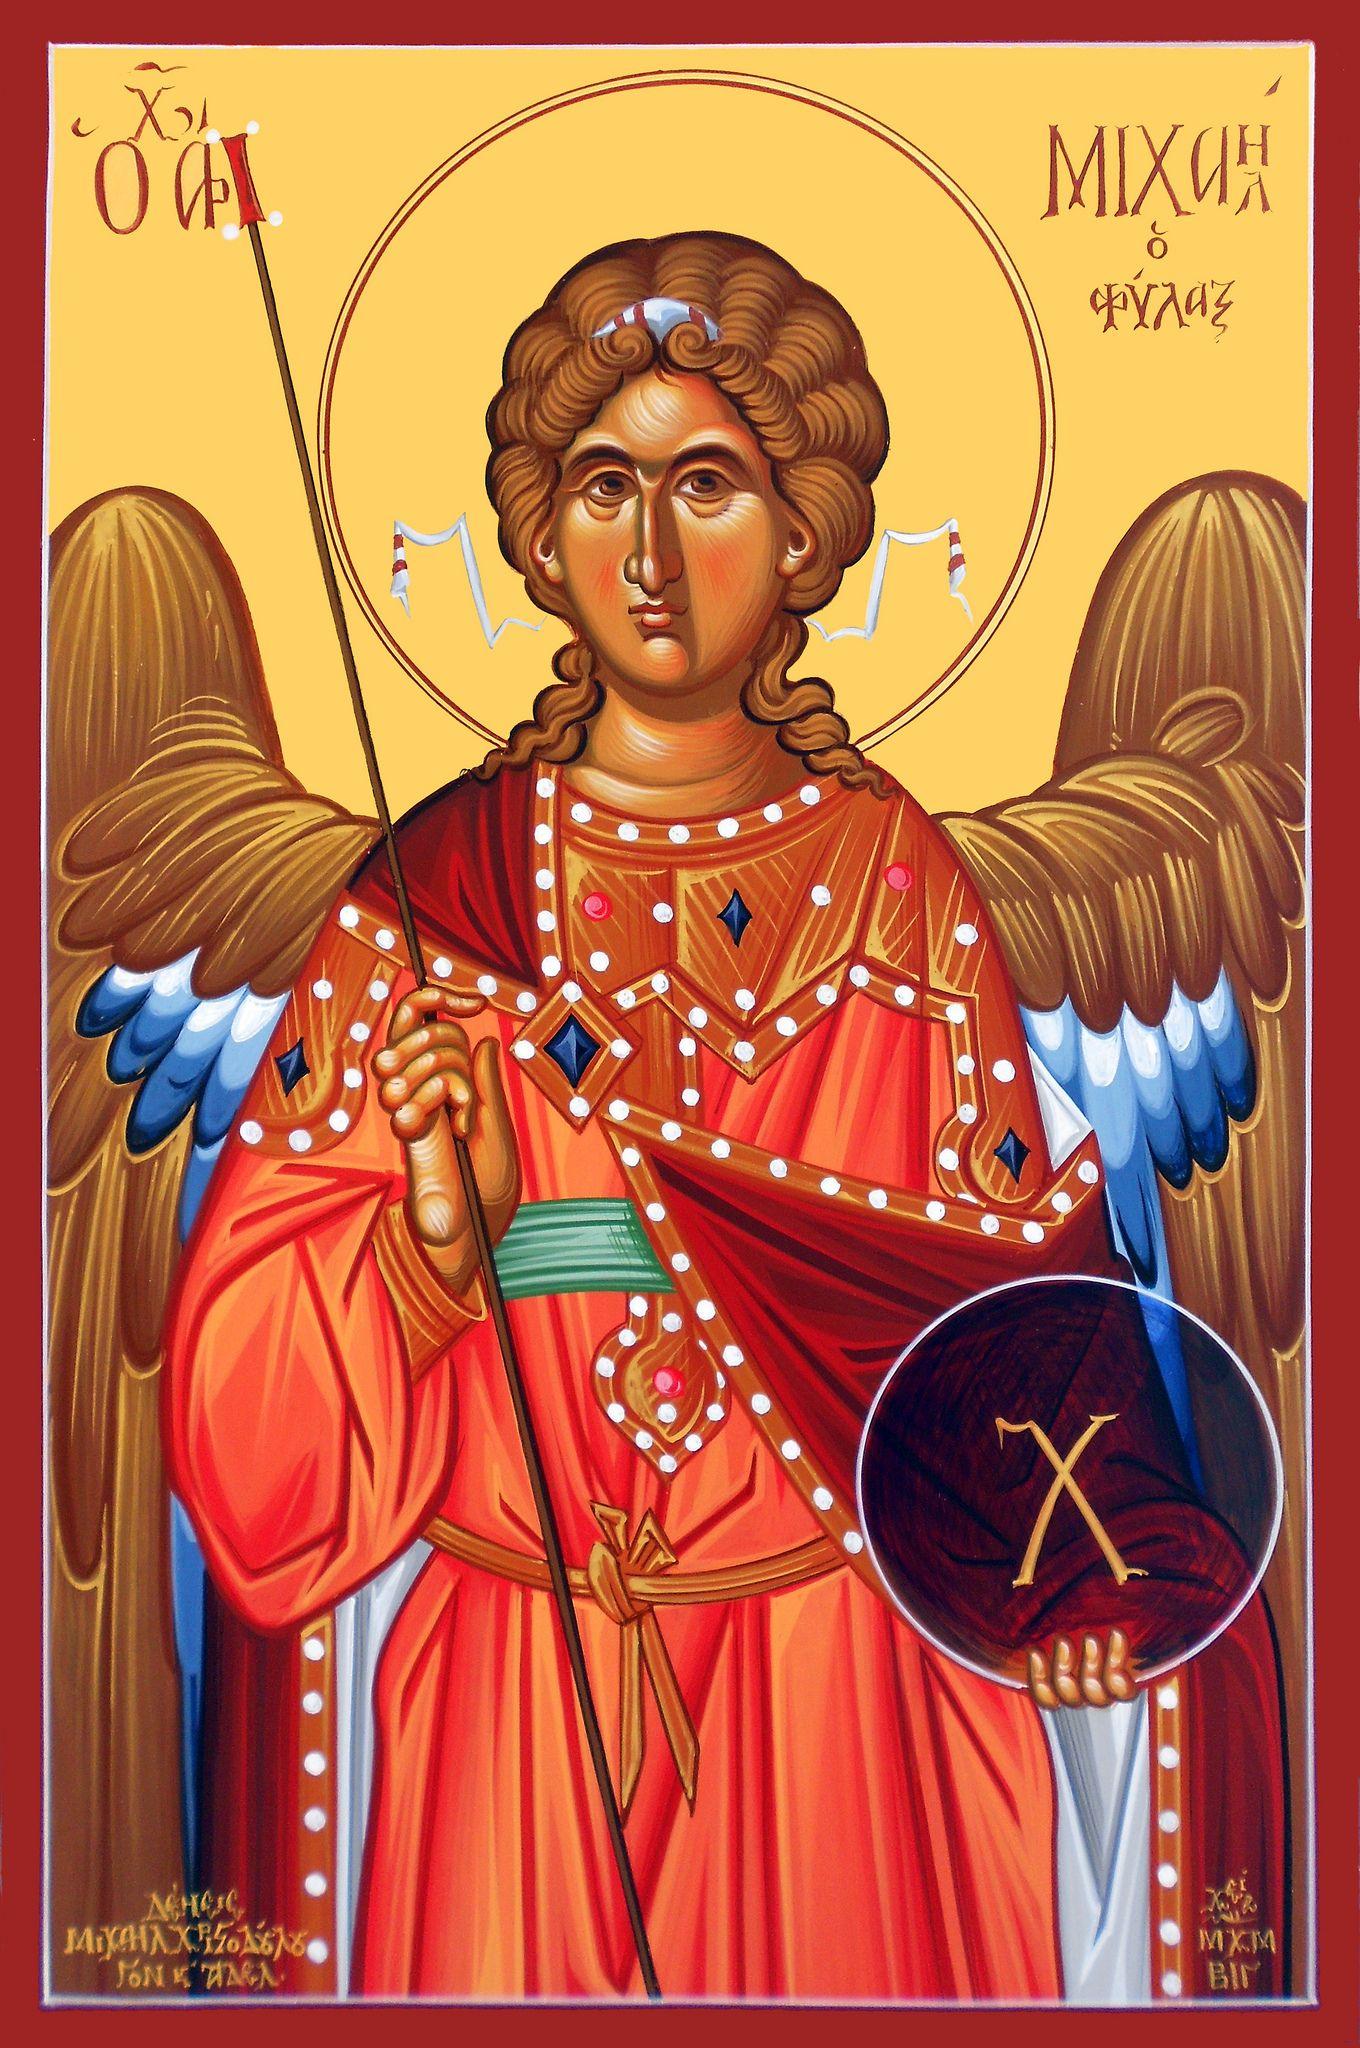 Книга об ангелах софи бернхэм скачать